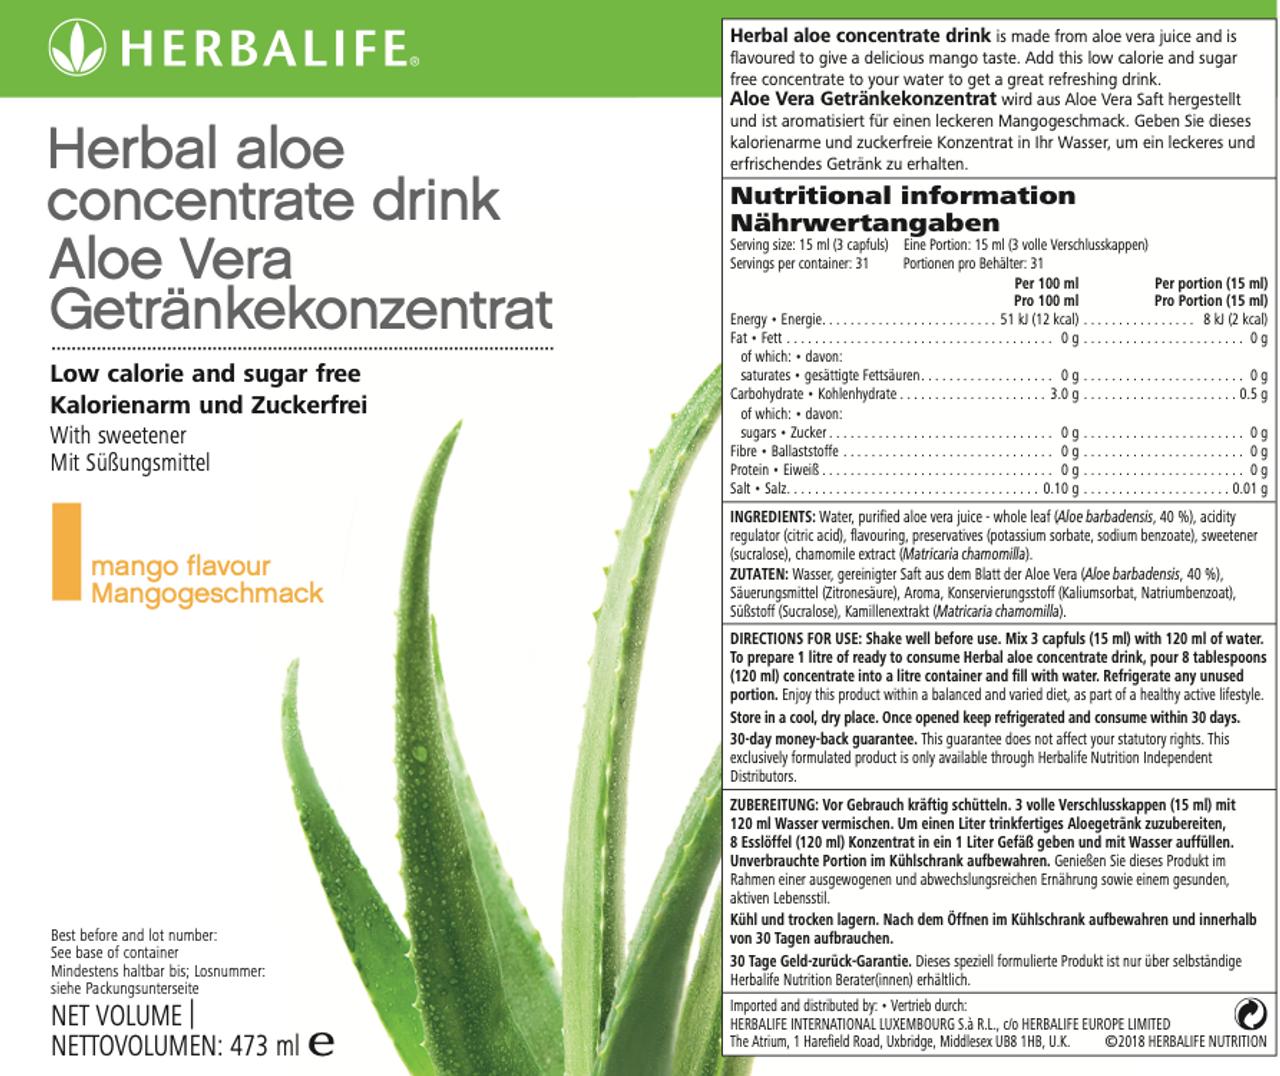 Independent Herbalife Nutrition Member Herbalife Herbal Aloe Concentrate Mango 473ml